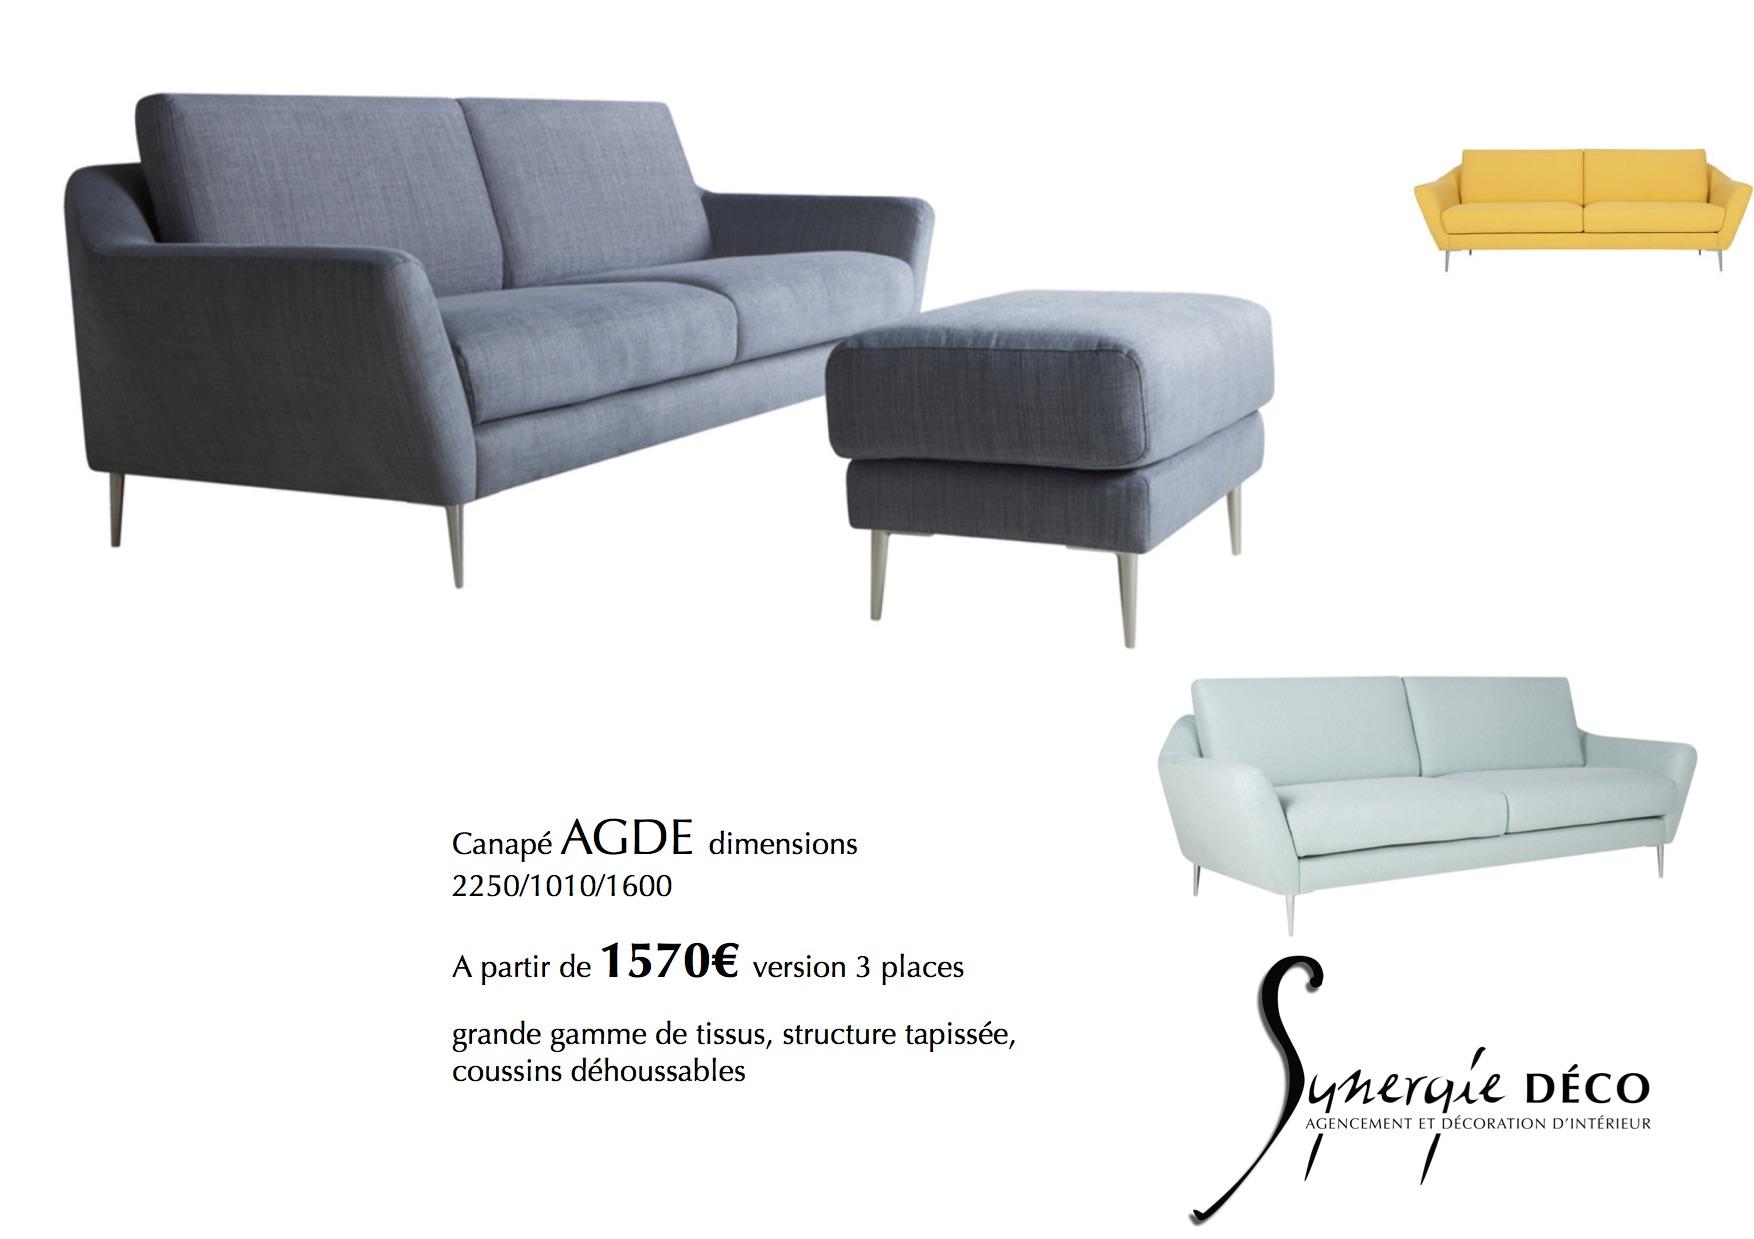 Vente De Mobilier Synergie Déco - Canapé 3 places pour architecte et decorateur d interieur